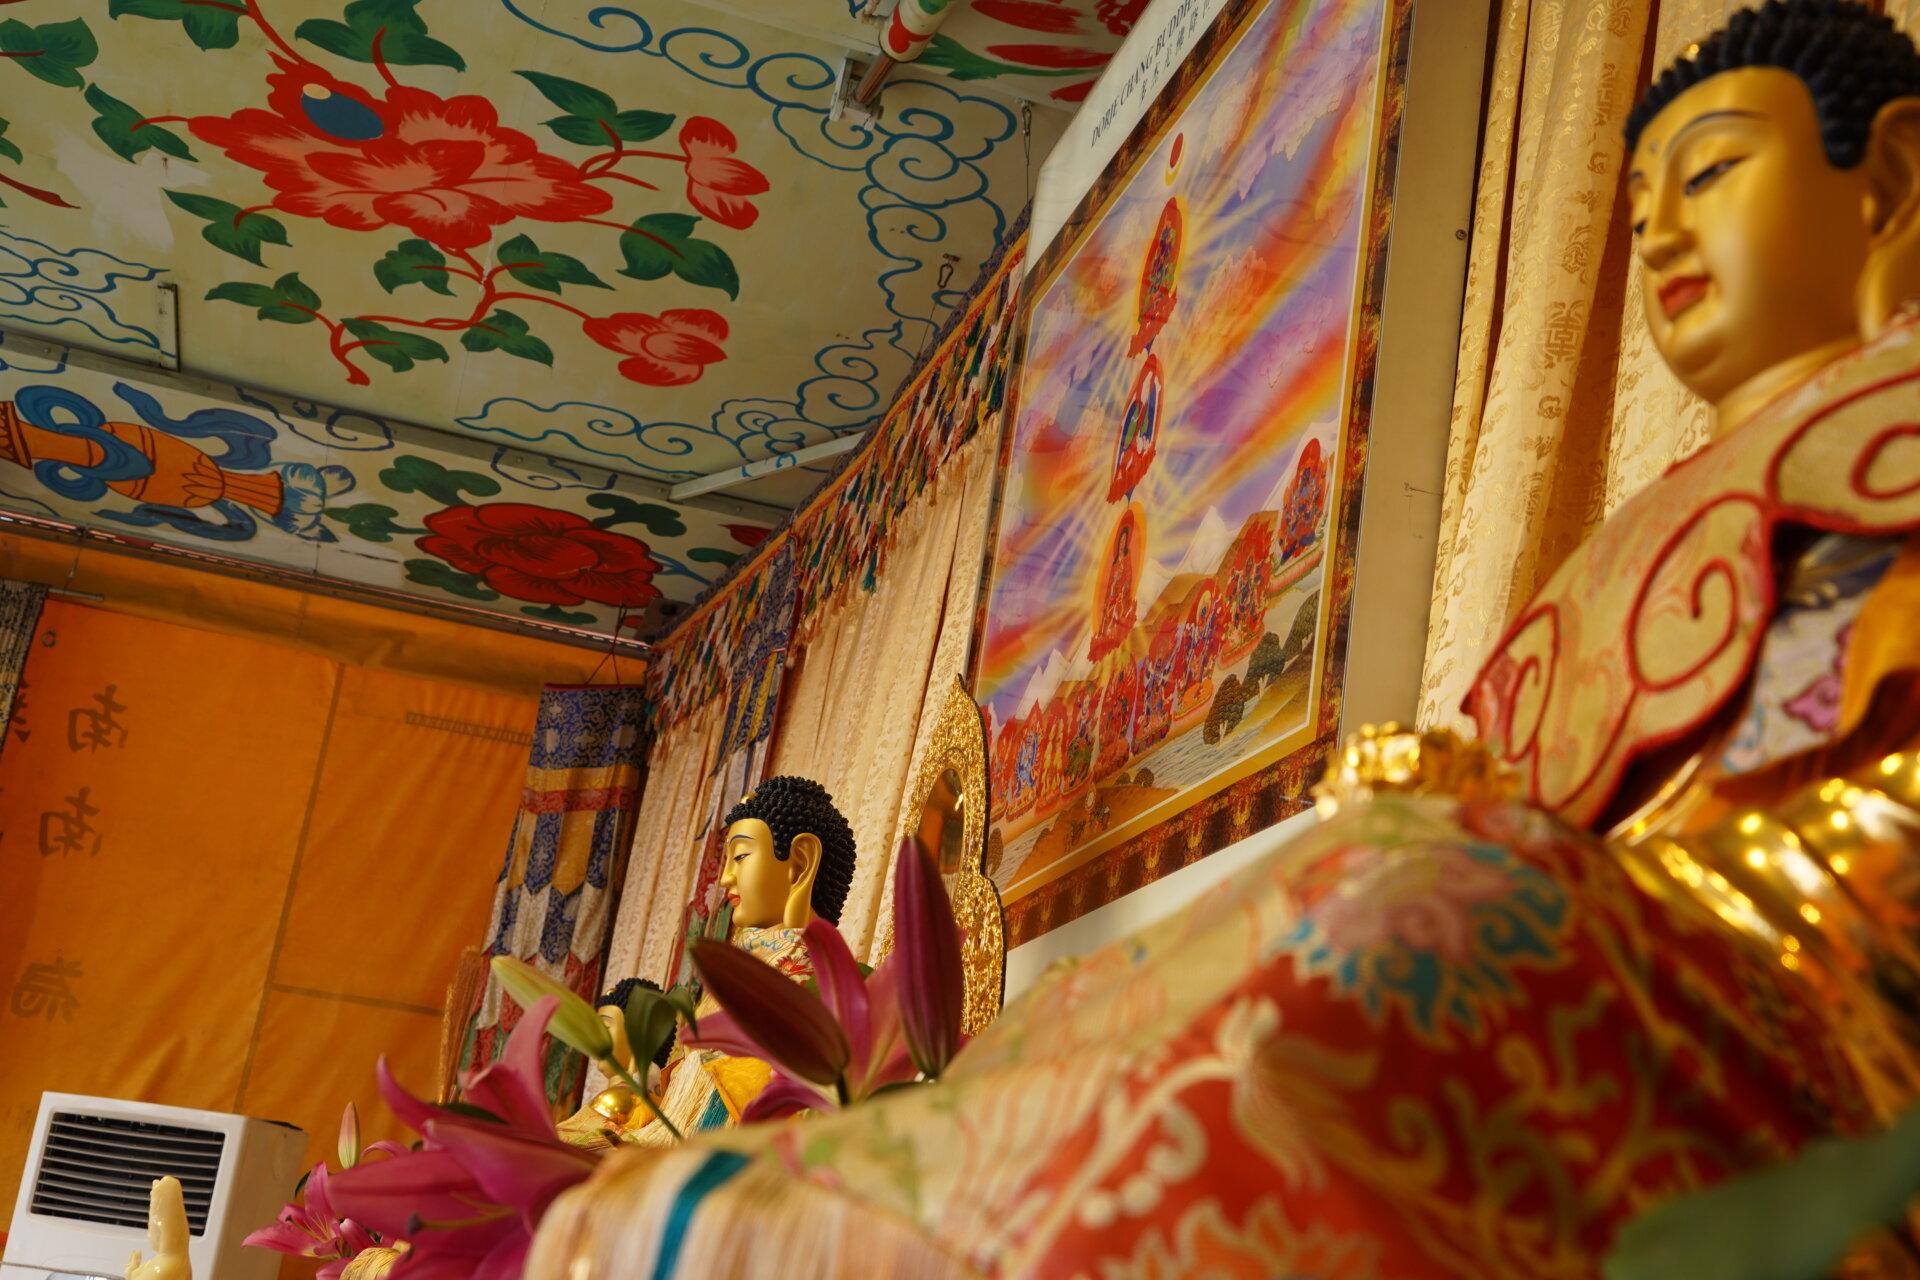 行動佛殿118站台南七股,佛殿上三寶佛俯視眾生